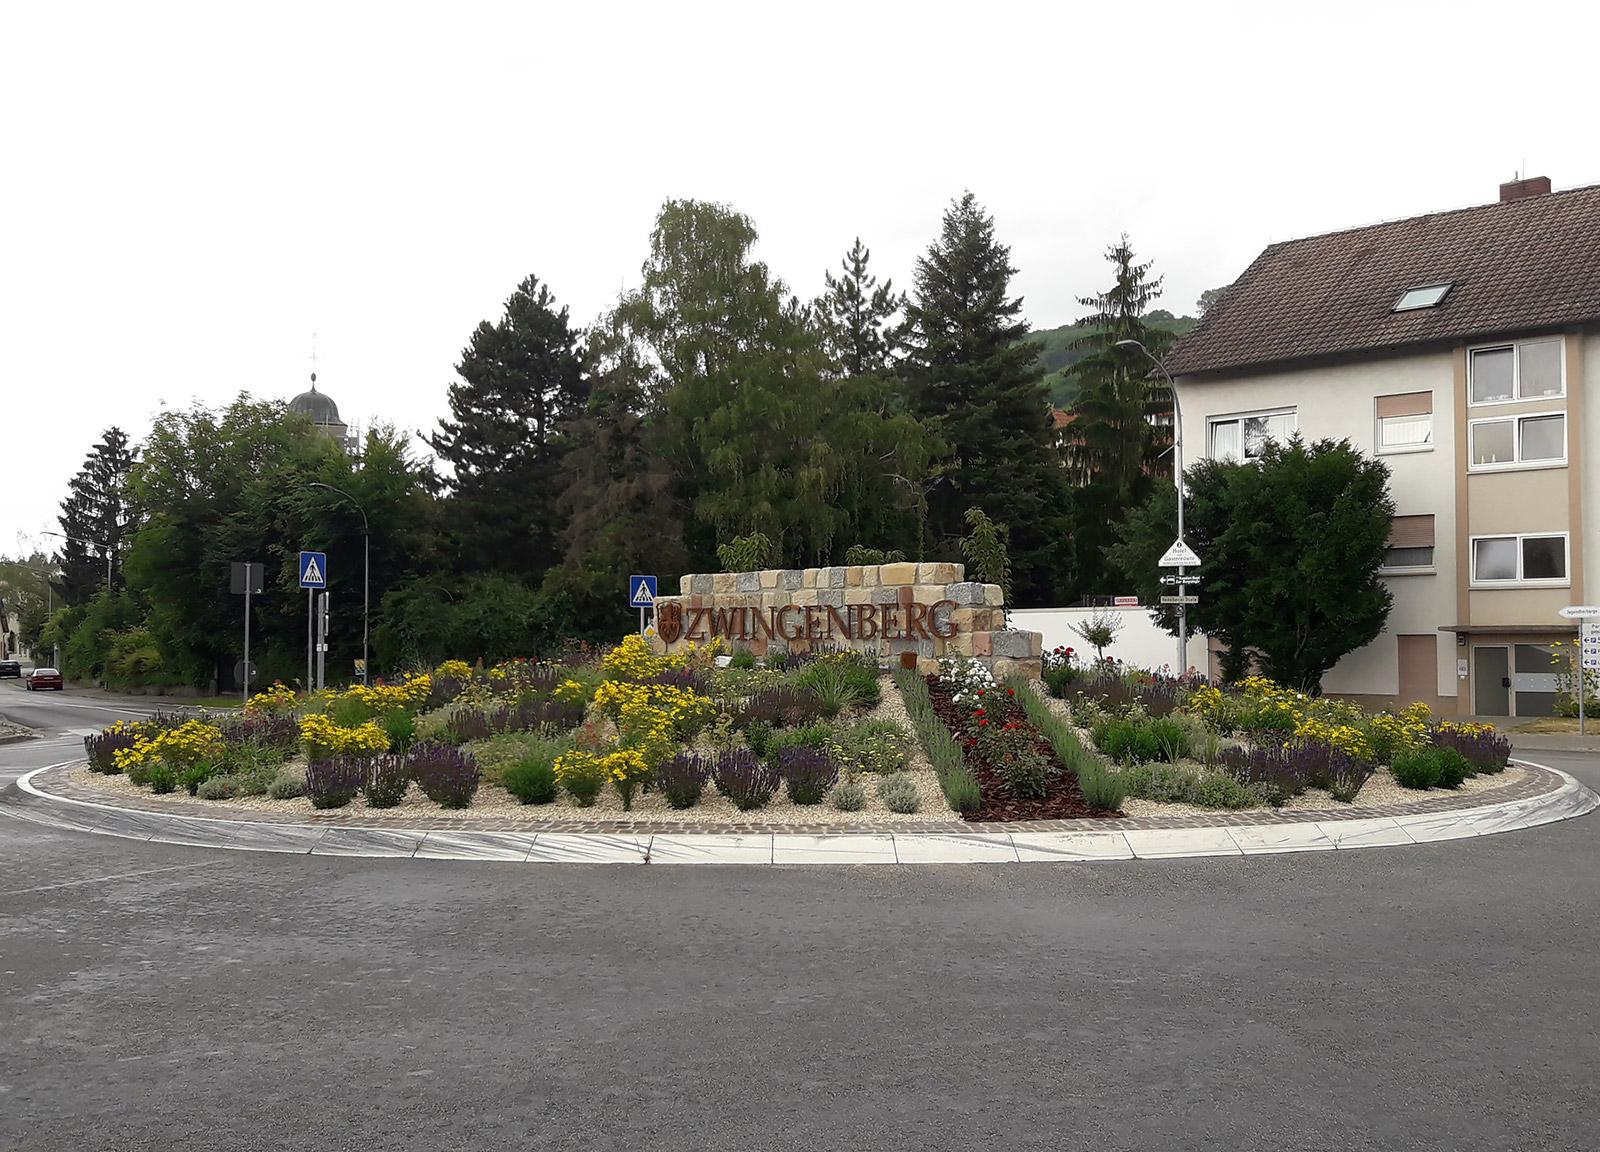 Neue Kreiselgestaltung, Zwingenberg